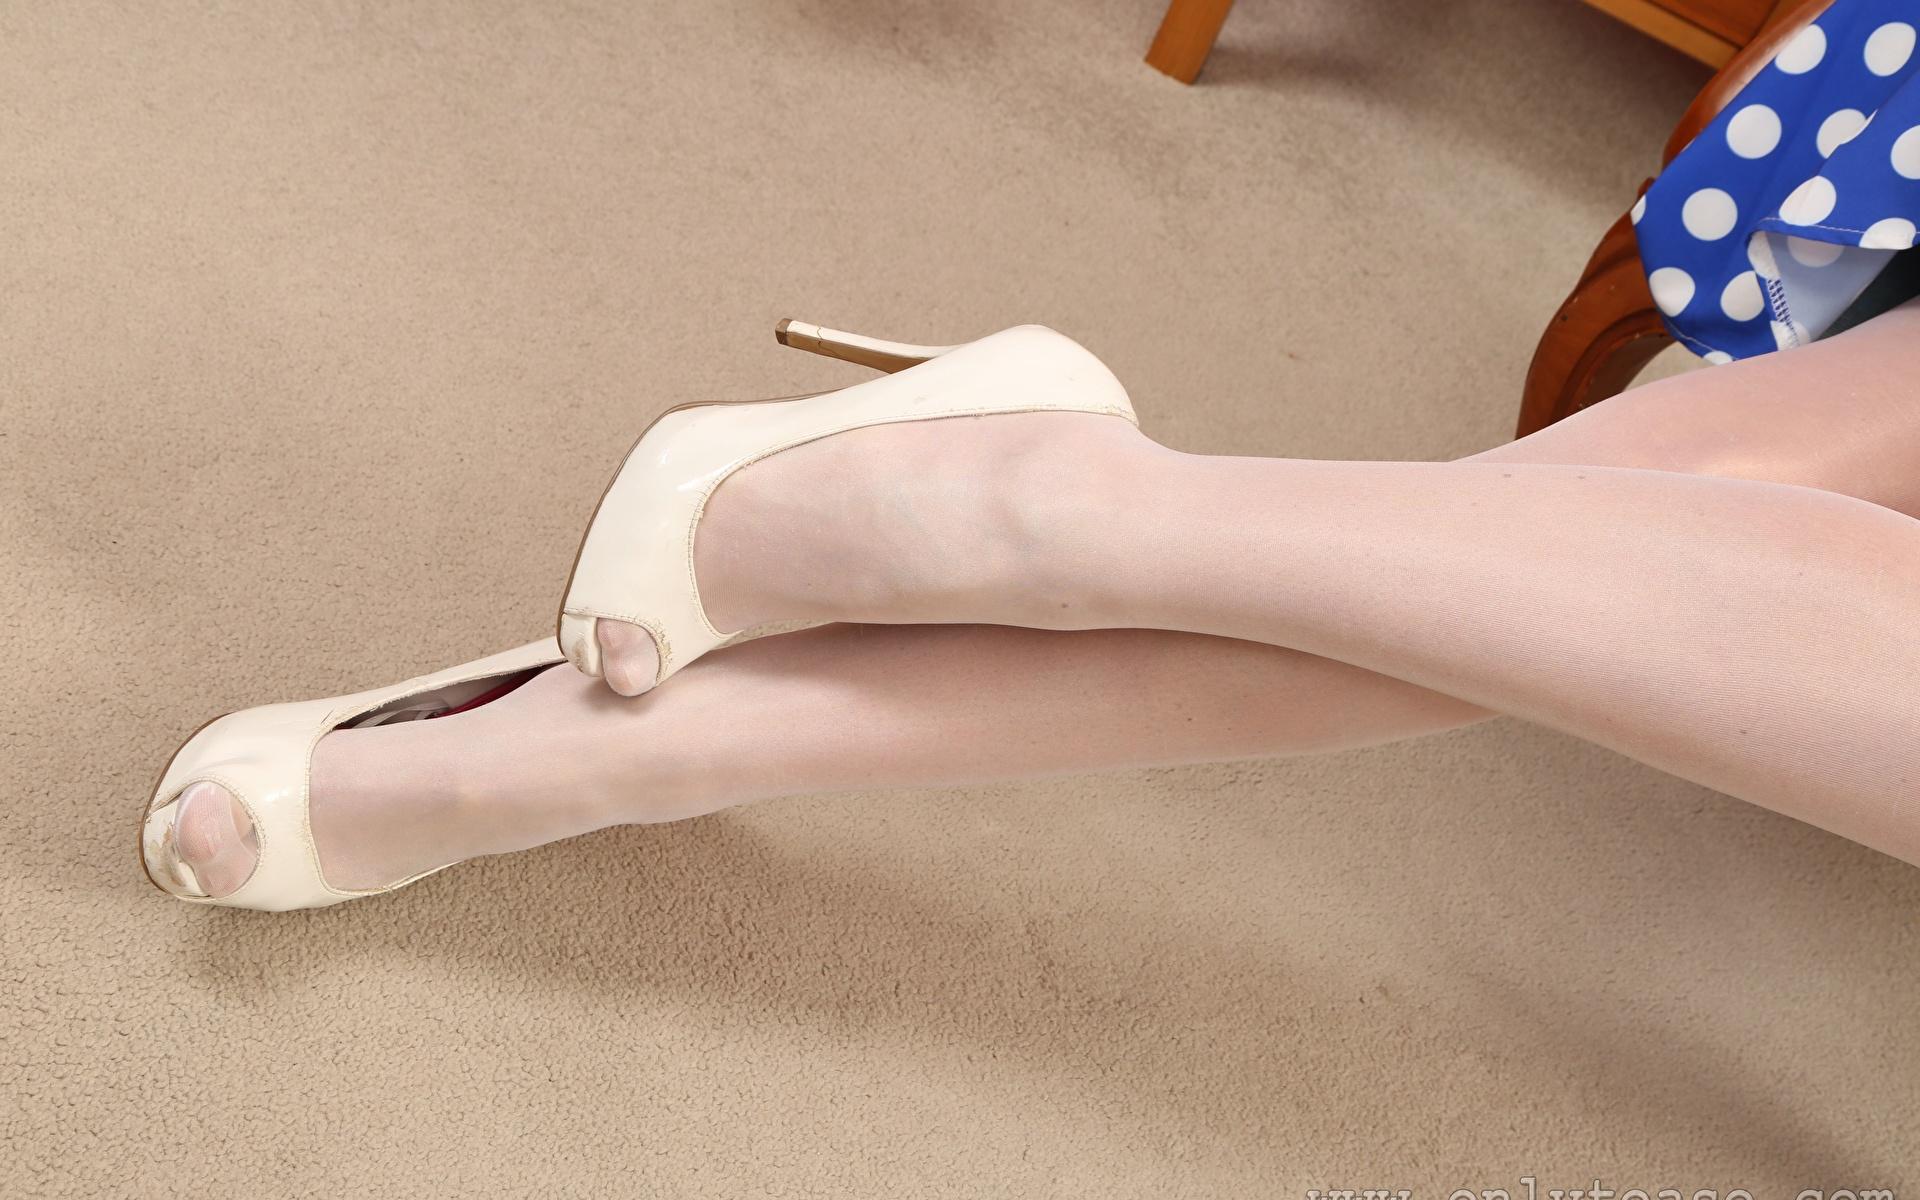 Картинки Колготки девушка ног Крупным планом туфель 1920x1200 колготок колготках Девушки молодая женщина молодые женщины Ноги вблизи Туфли туфлях